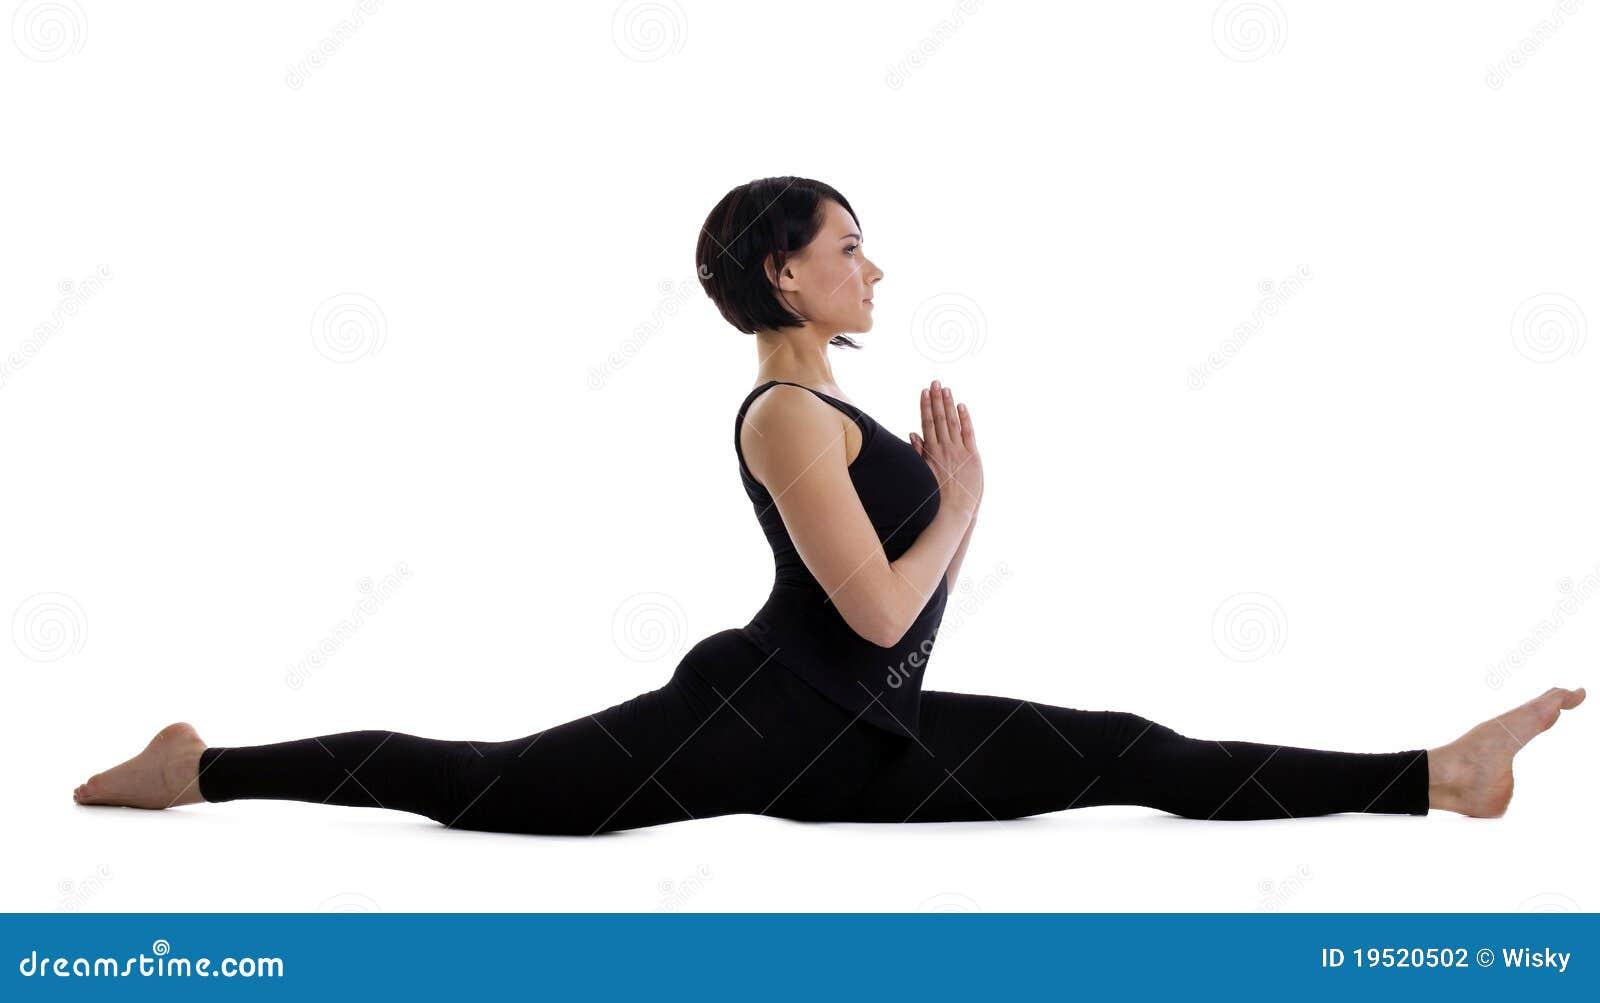 Woman Sit In Yoga Pose - Hanumanasana Isolated Stock ...  Woman Sit In Yo...